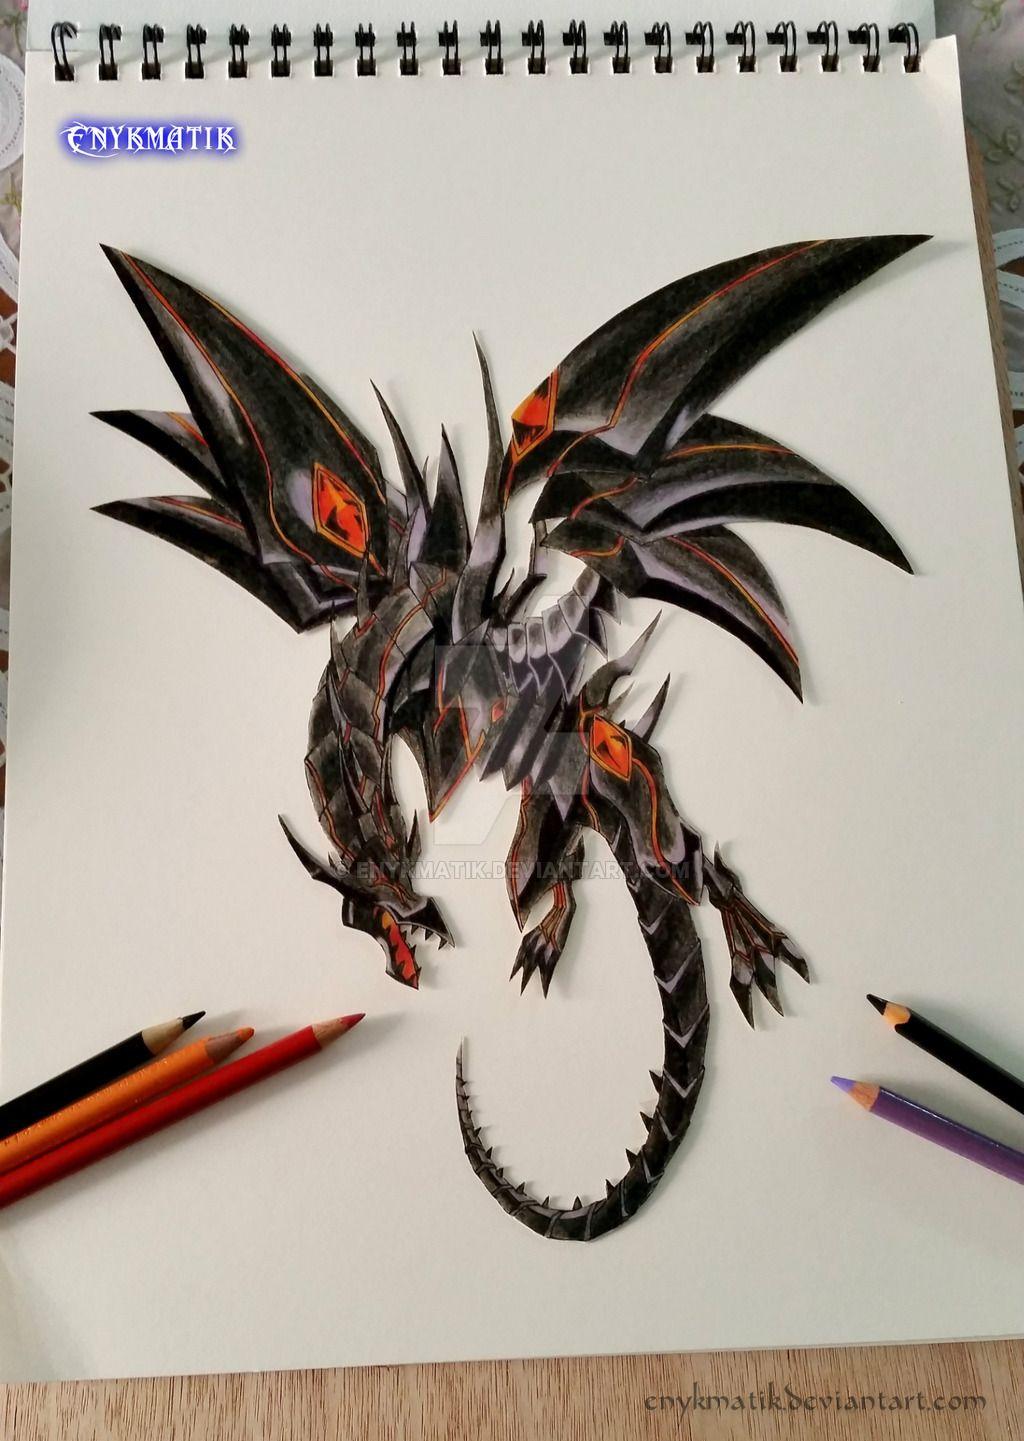 Dragon Oscuro de Ojos Rojos by Enykmatikdeviantartcom on